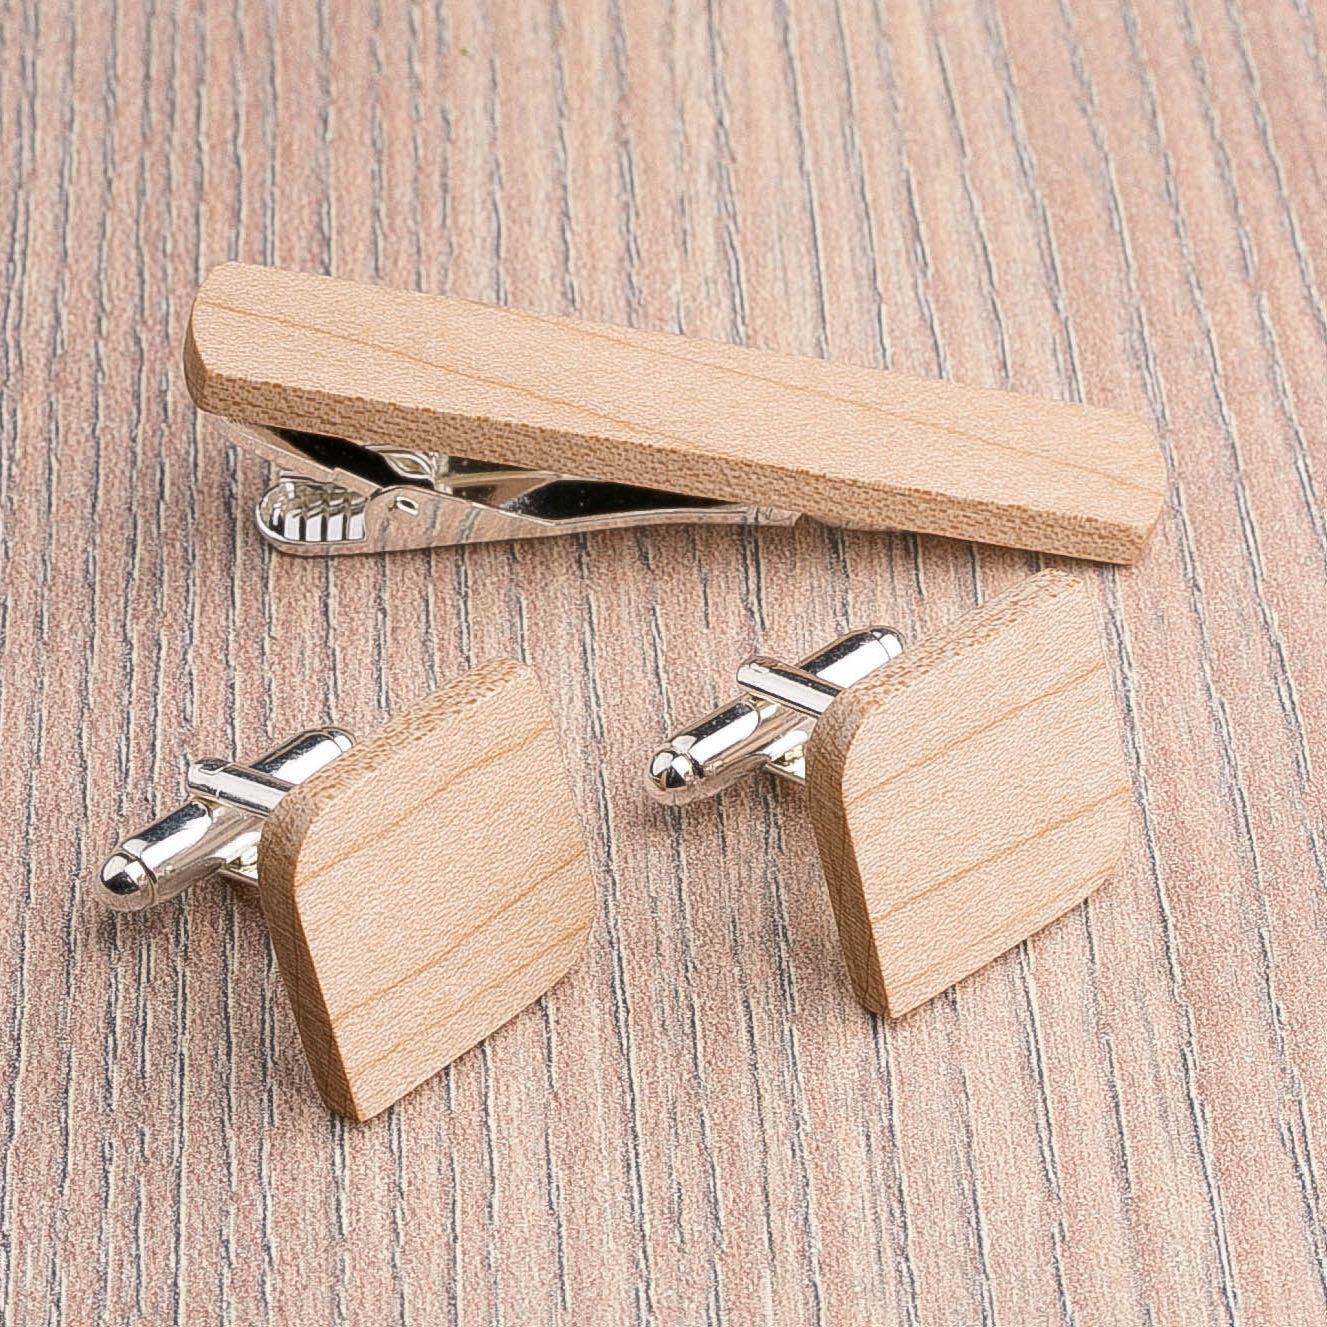 Комплект: Скругленные запонки из дерева и Деревянный зажим для галстука. Массив клена. Гравировка инициалов. Упаковка в комплекте CufflinksSet-RndSquareMaple